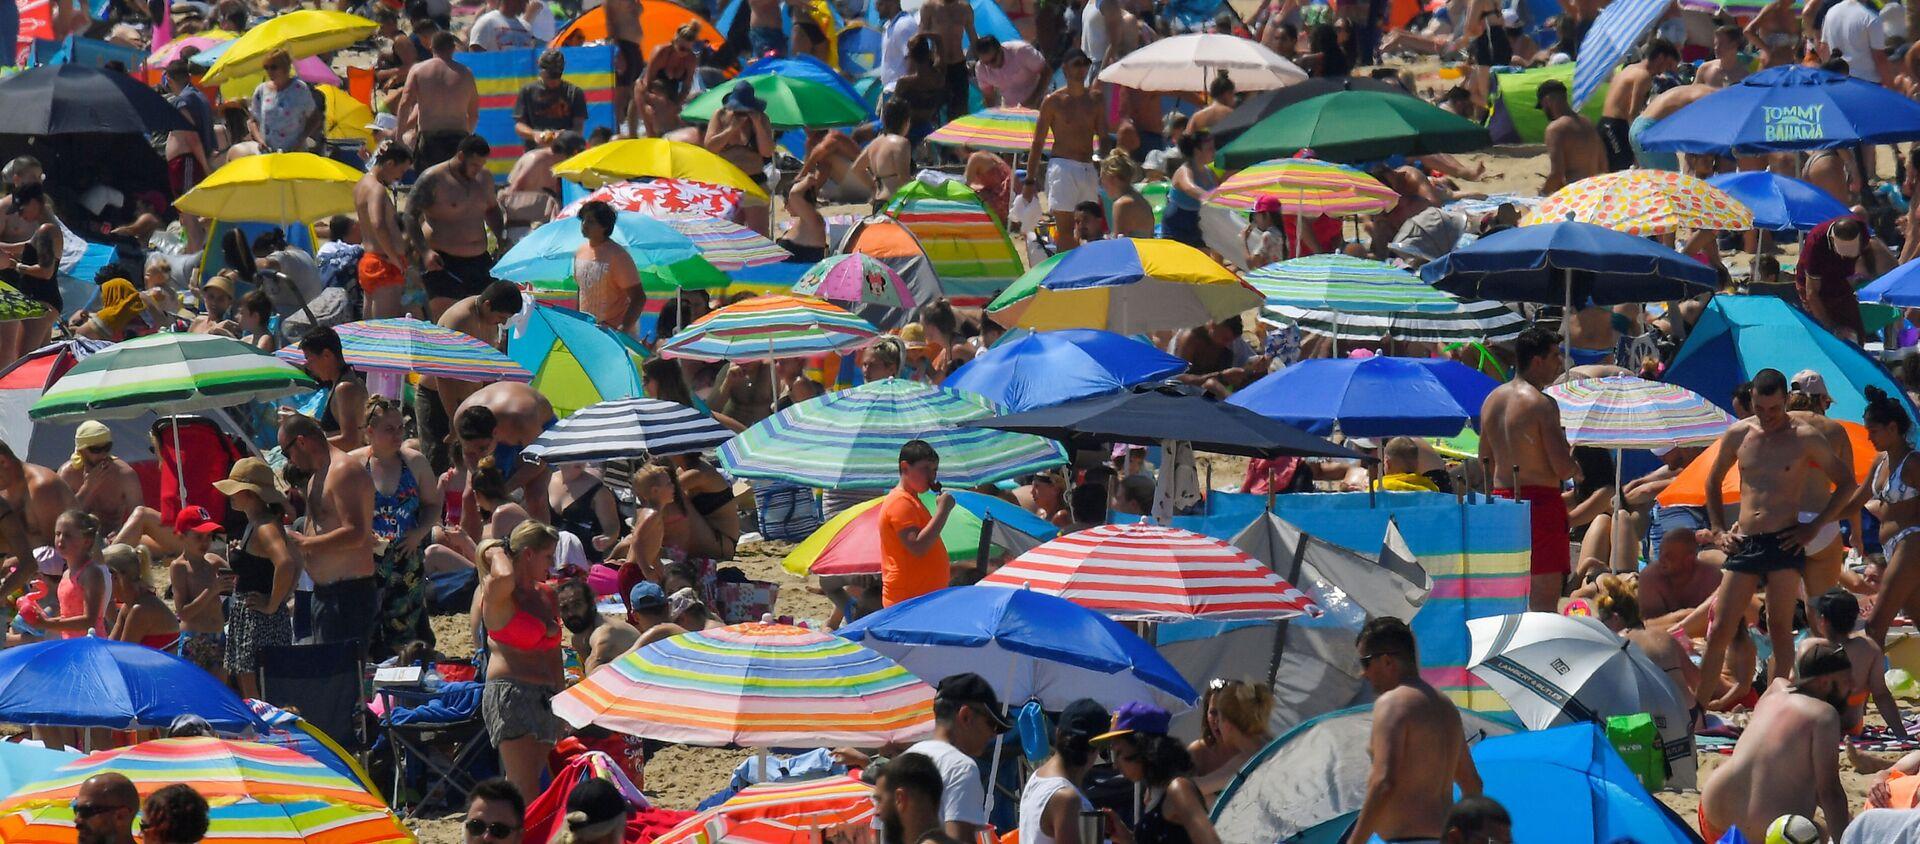 Люди наслаждаются жаркой погодой на пляже в Борнмуте, Великобритания - Sputnik Ўзбекистон, 1920, 09.07.2020